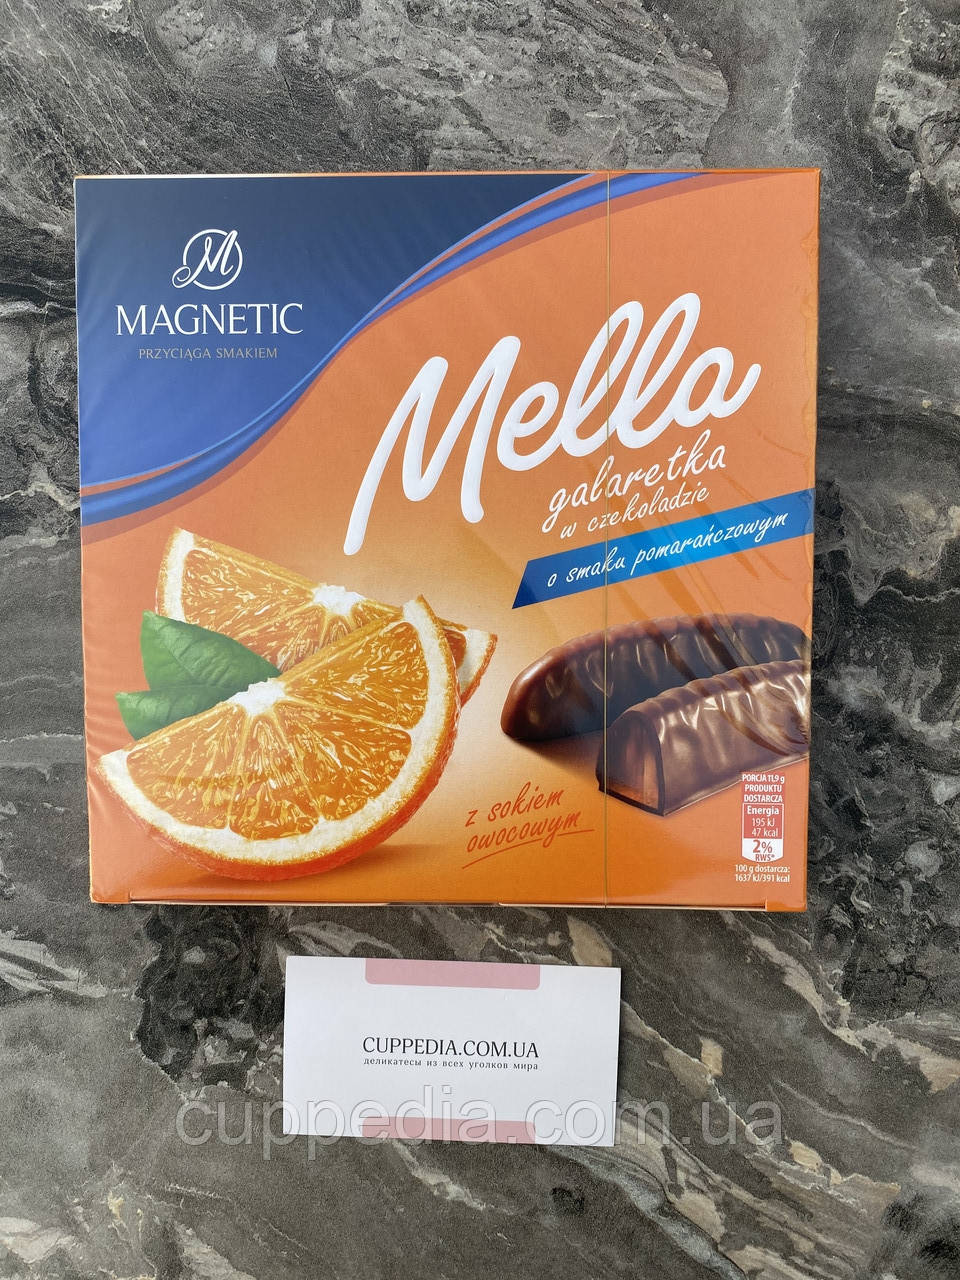 Конфеты Magnetic Mella Galaretka с апельсиновым соком 190 грм